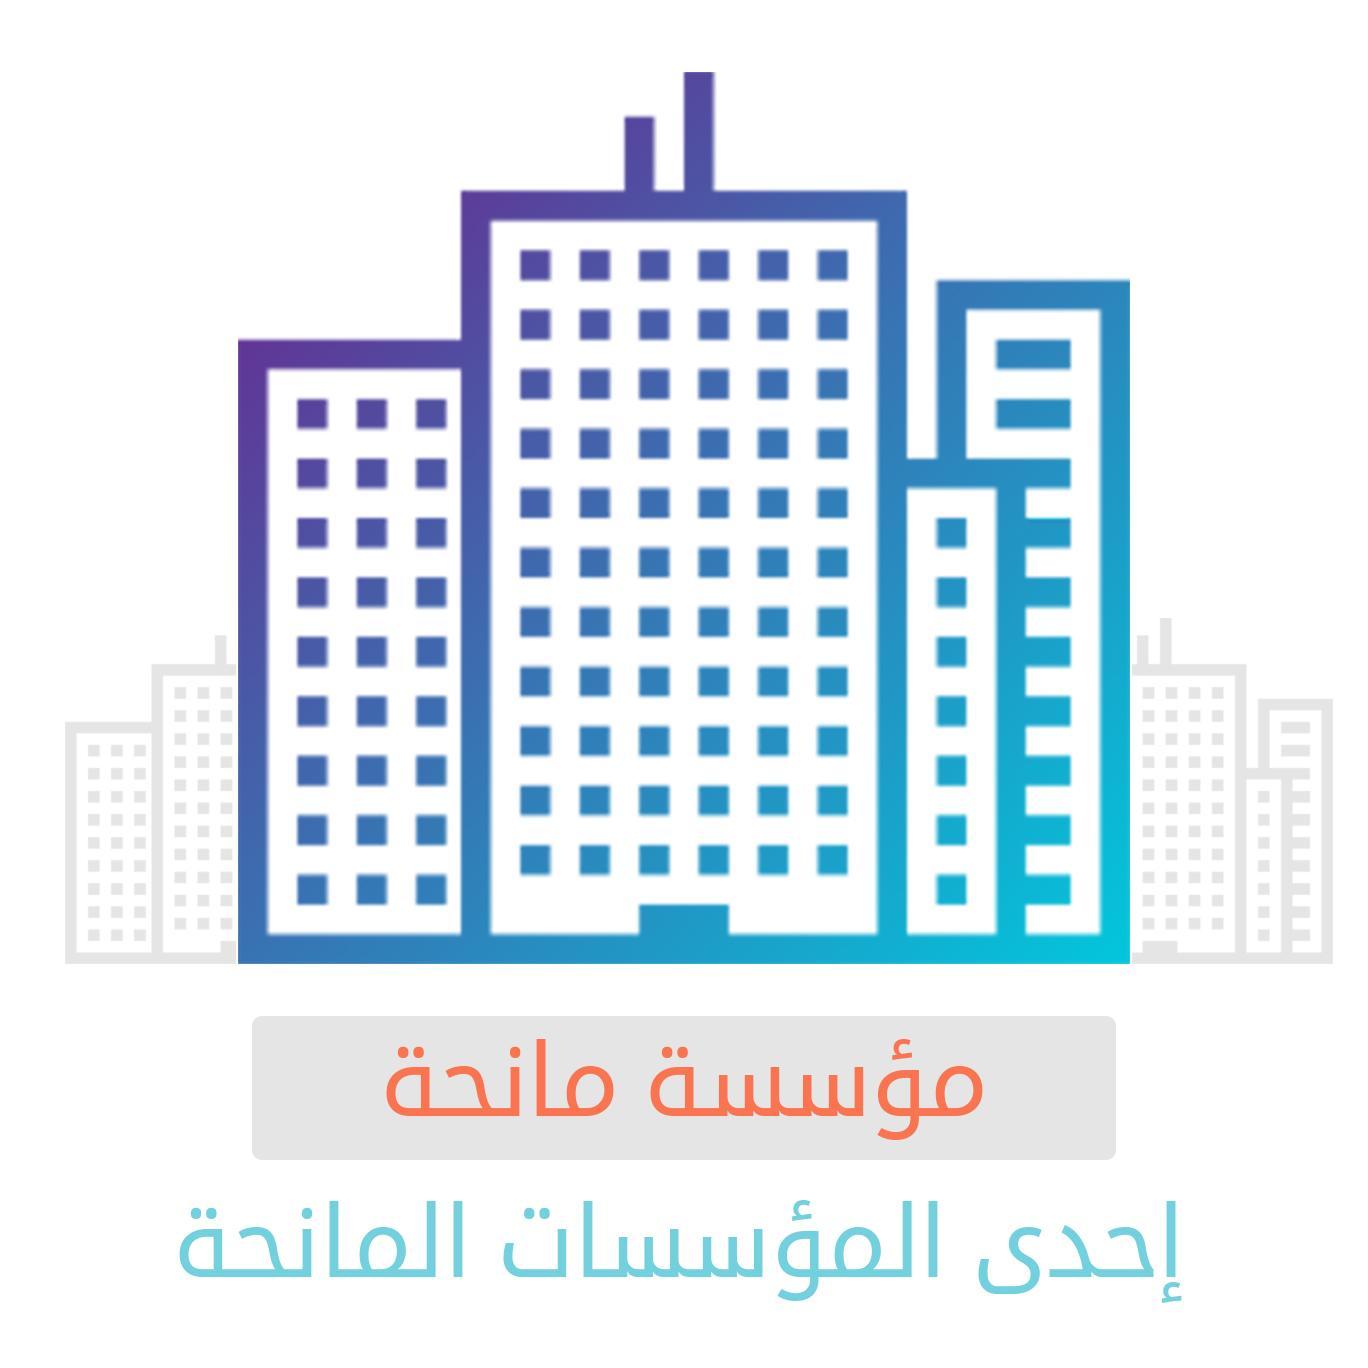 مؤسسة عبد العزيز ومحمد وعبد اللطيف حمد الجبر الخيرية.      (مختصة بالمنطقة الشرقية)